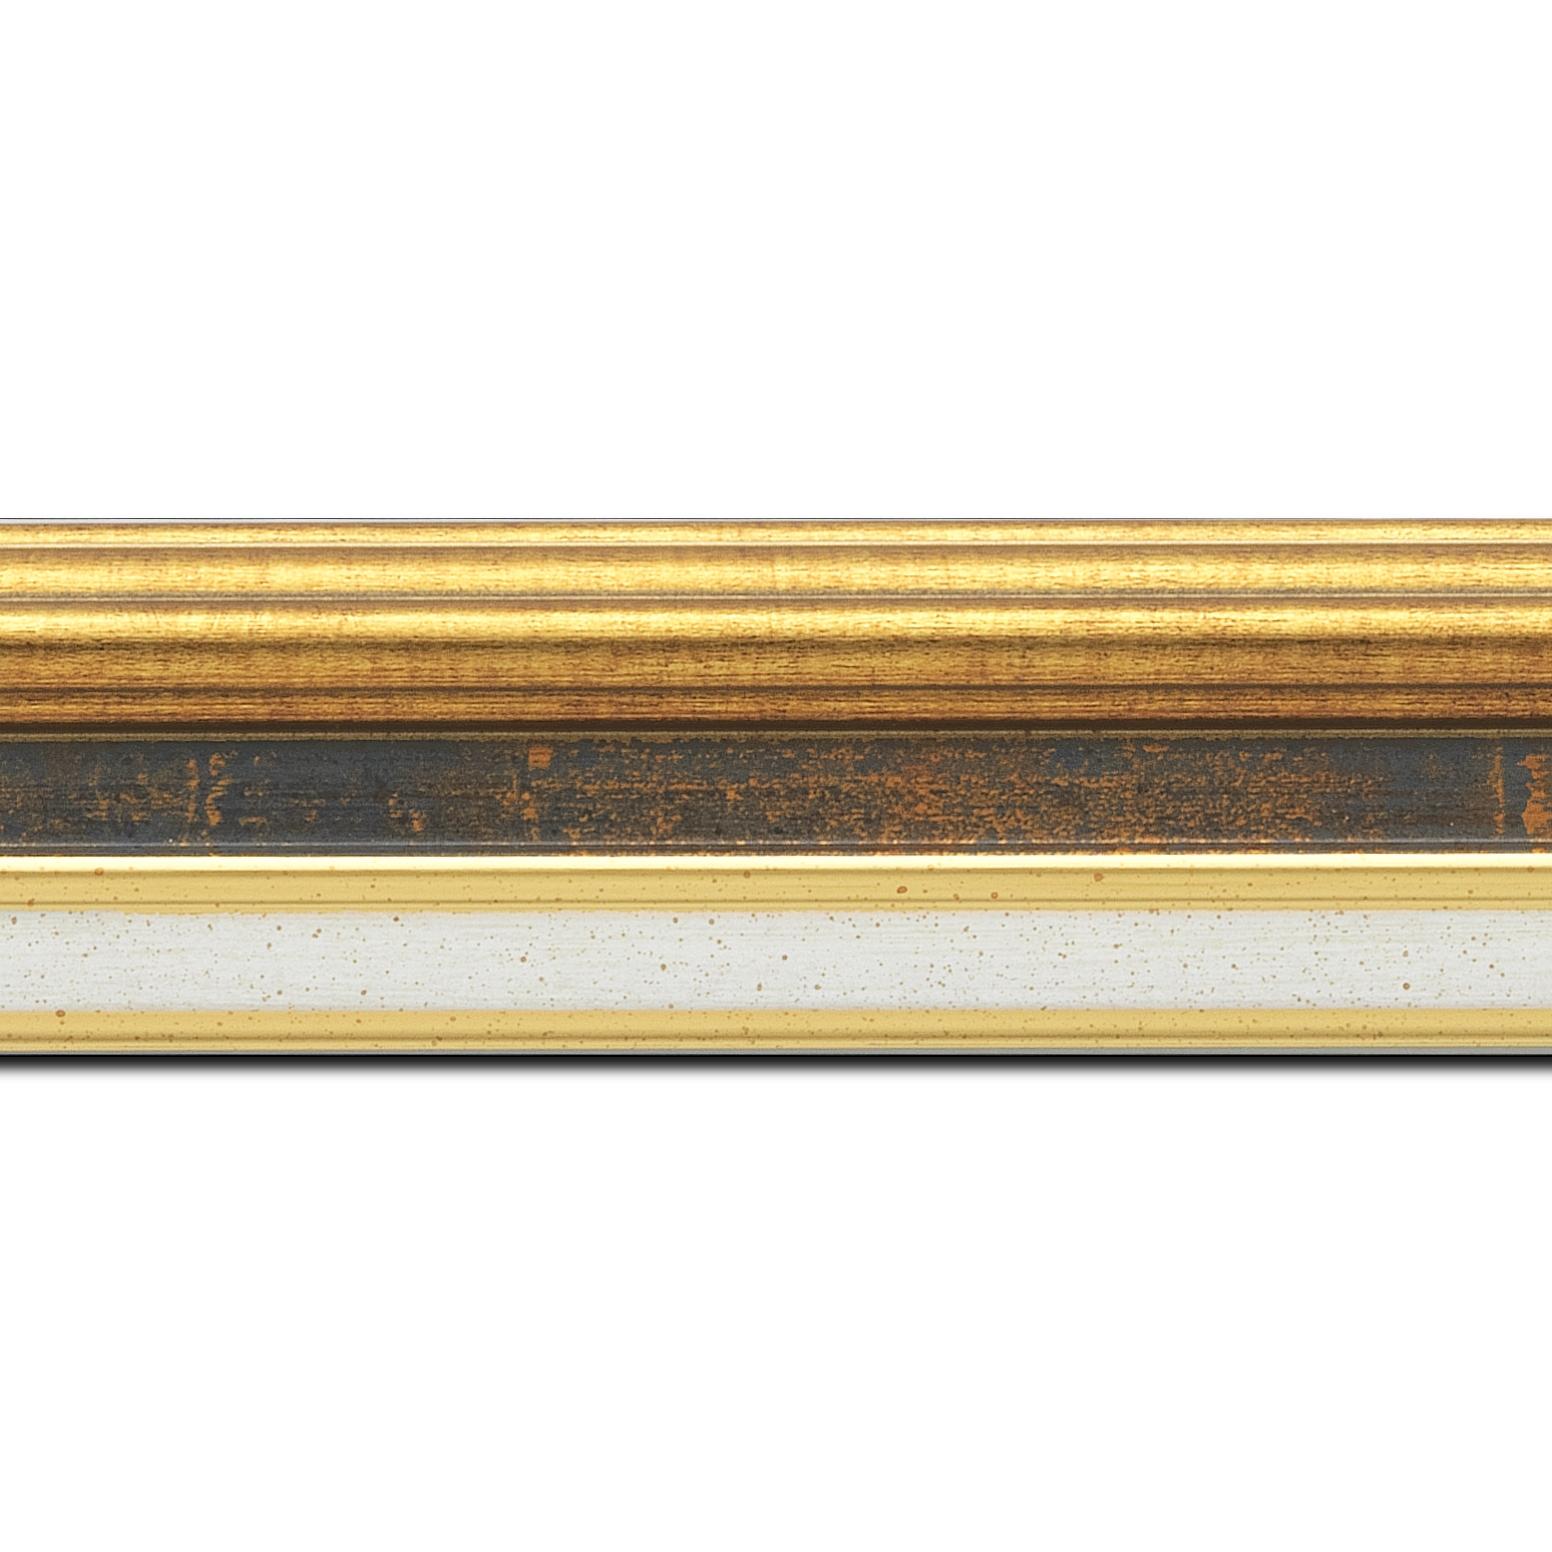 Pack par 12m, bois largeur 5.2cm or gorge bleu fond or marie louise crème filet or intégrée(longueur baguette pouvant varier entre 2.40m et 3m selon arrivage des bois)